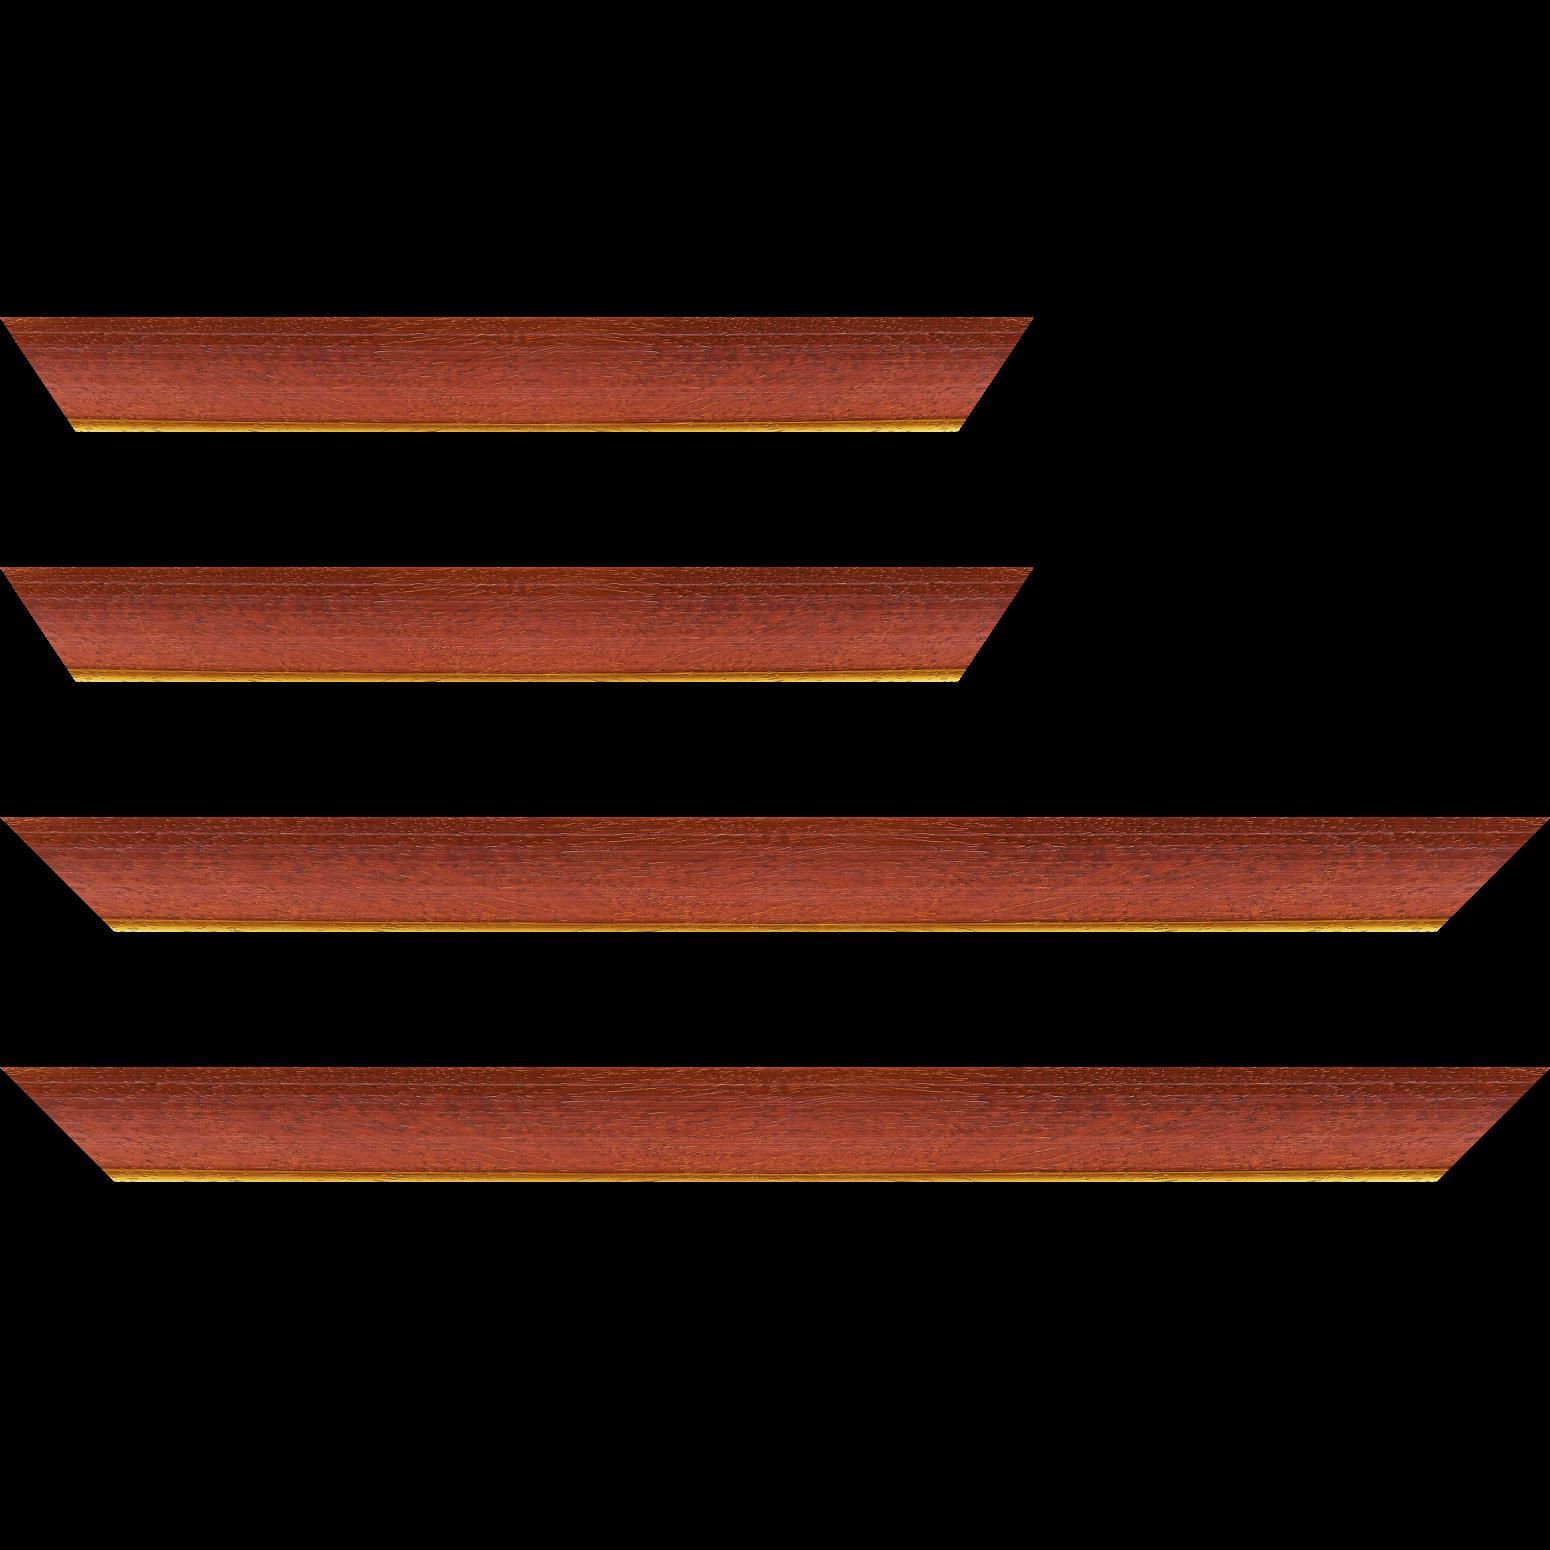 Baguette service précoupé Bois profil incurvé largeur 3.9cm couleur rouge cerise satiné filet or